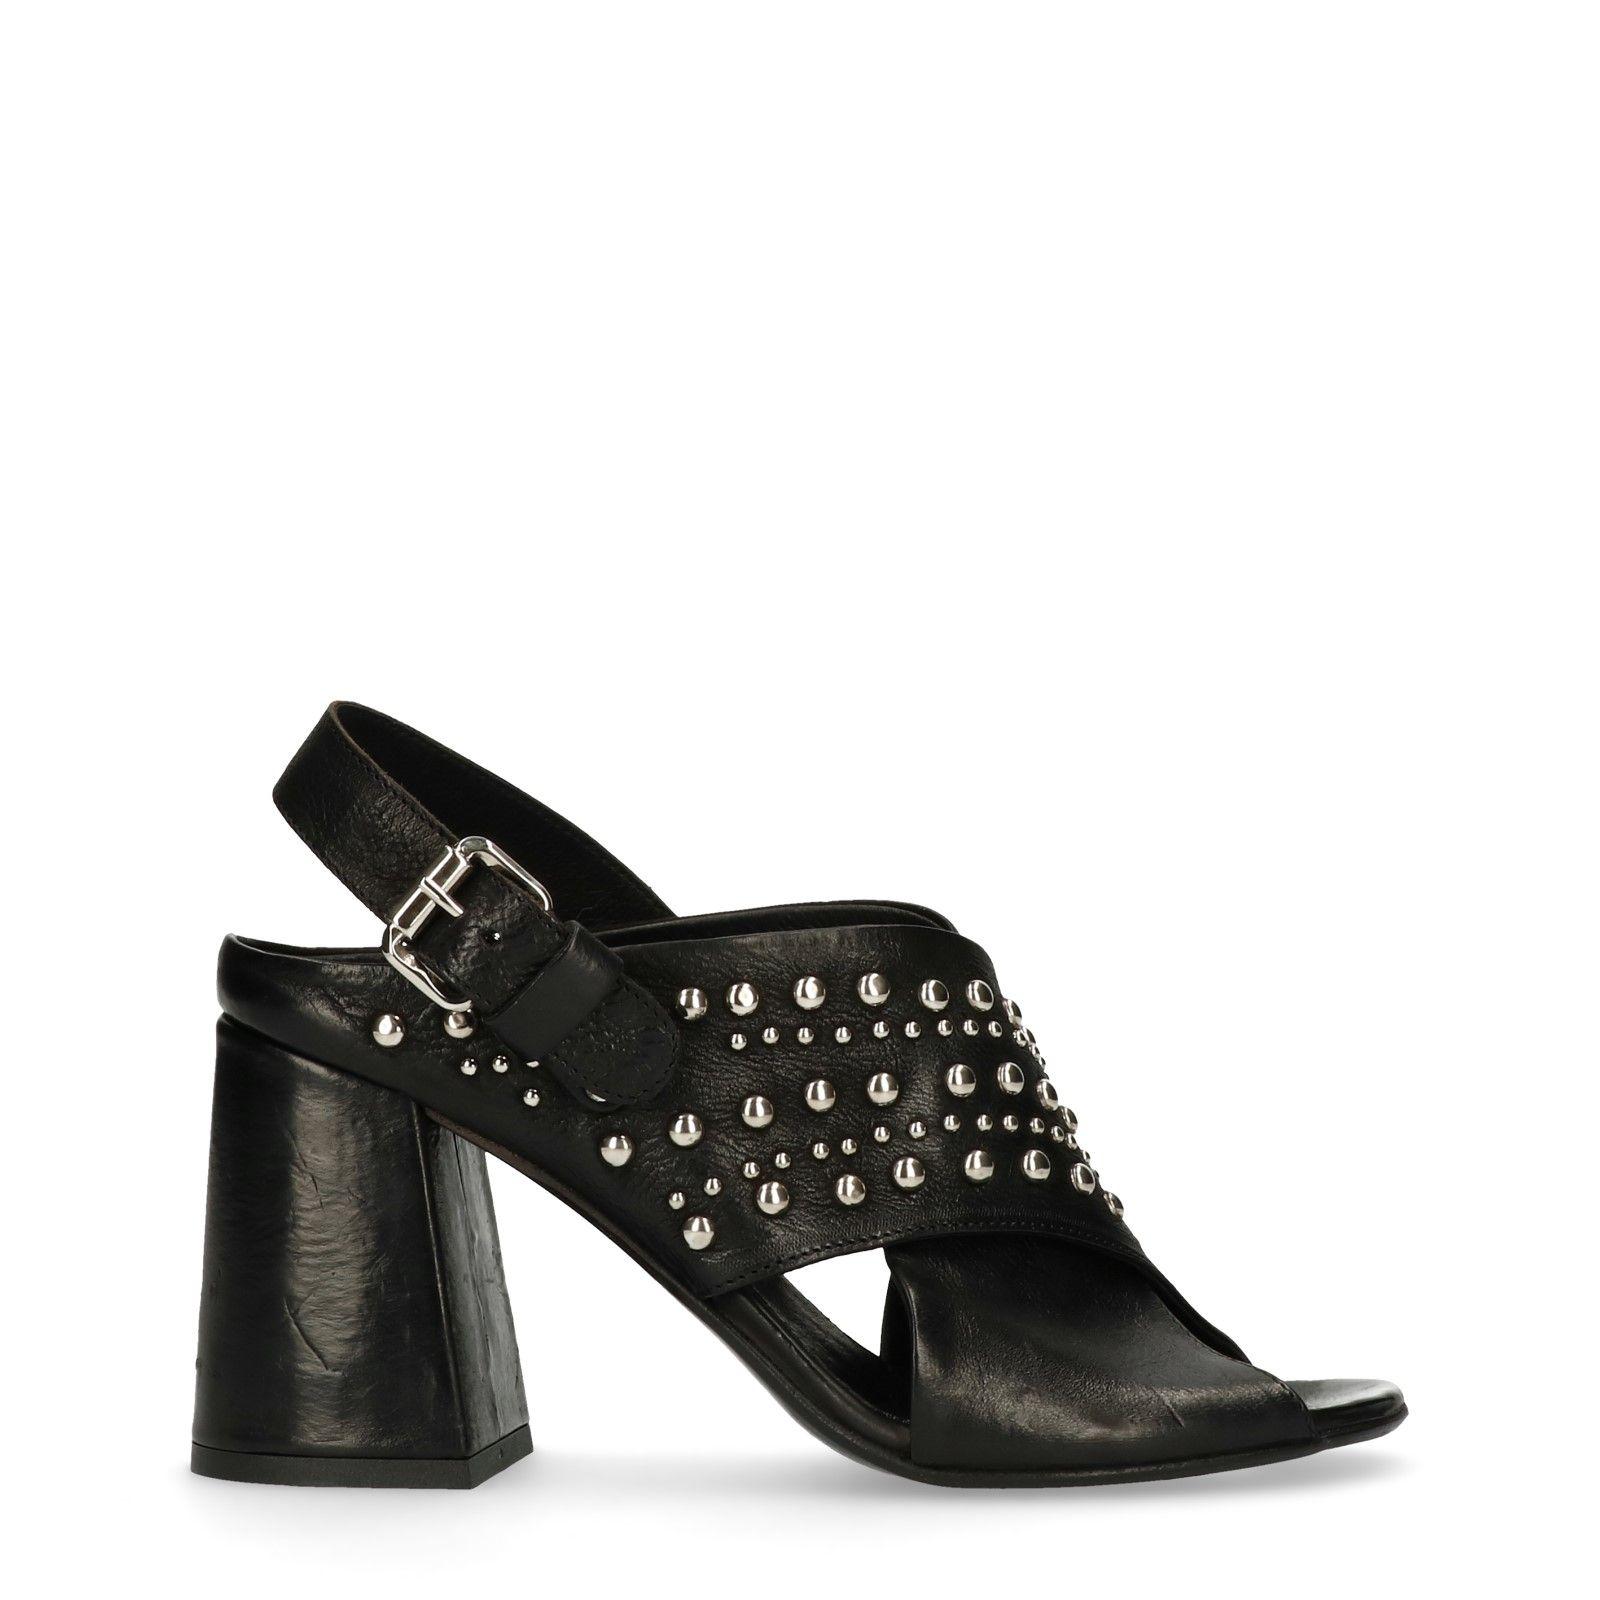 Sandalen Zwarte Studs – Met Damesschoenen Sacha Hak l1JKcFT